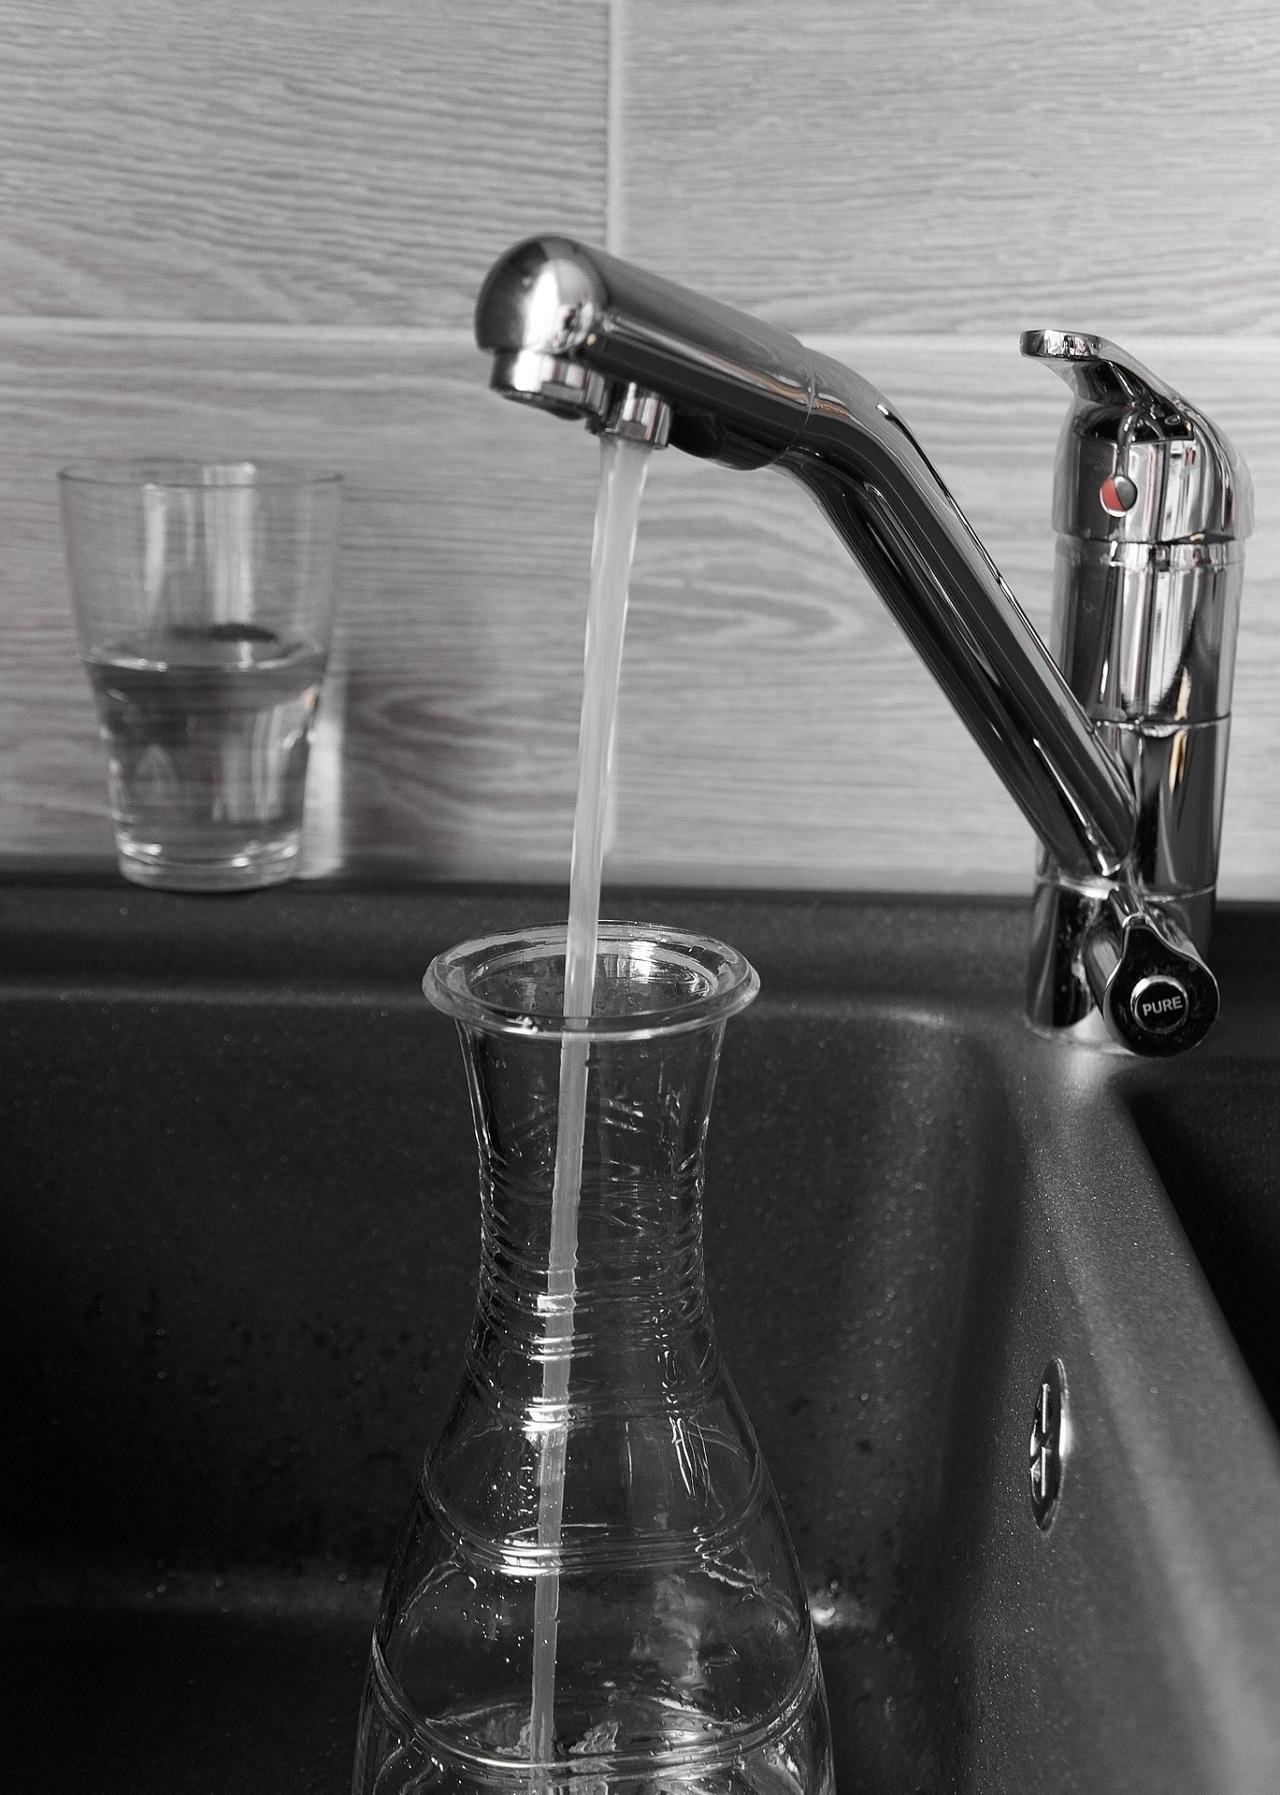 Es gibt auch Wasserfilter welche in den Wasserhahn integriert, bzw. mit diesen Verbunden werden.